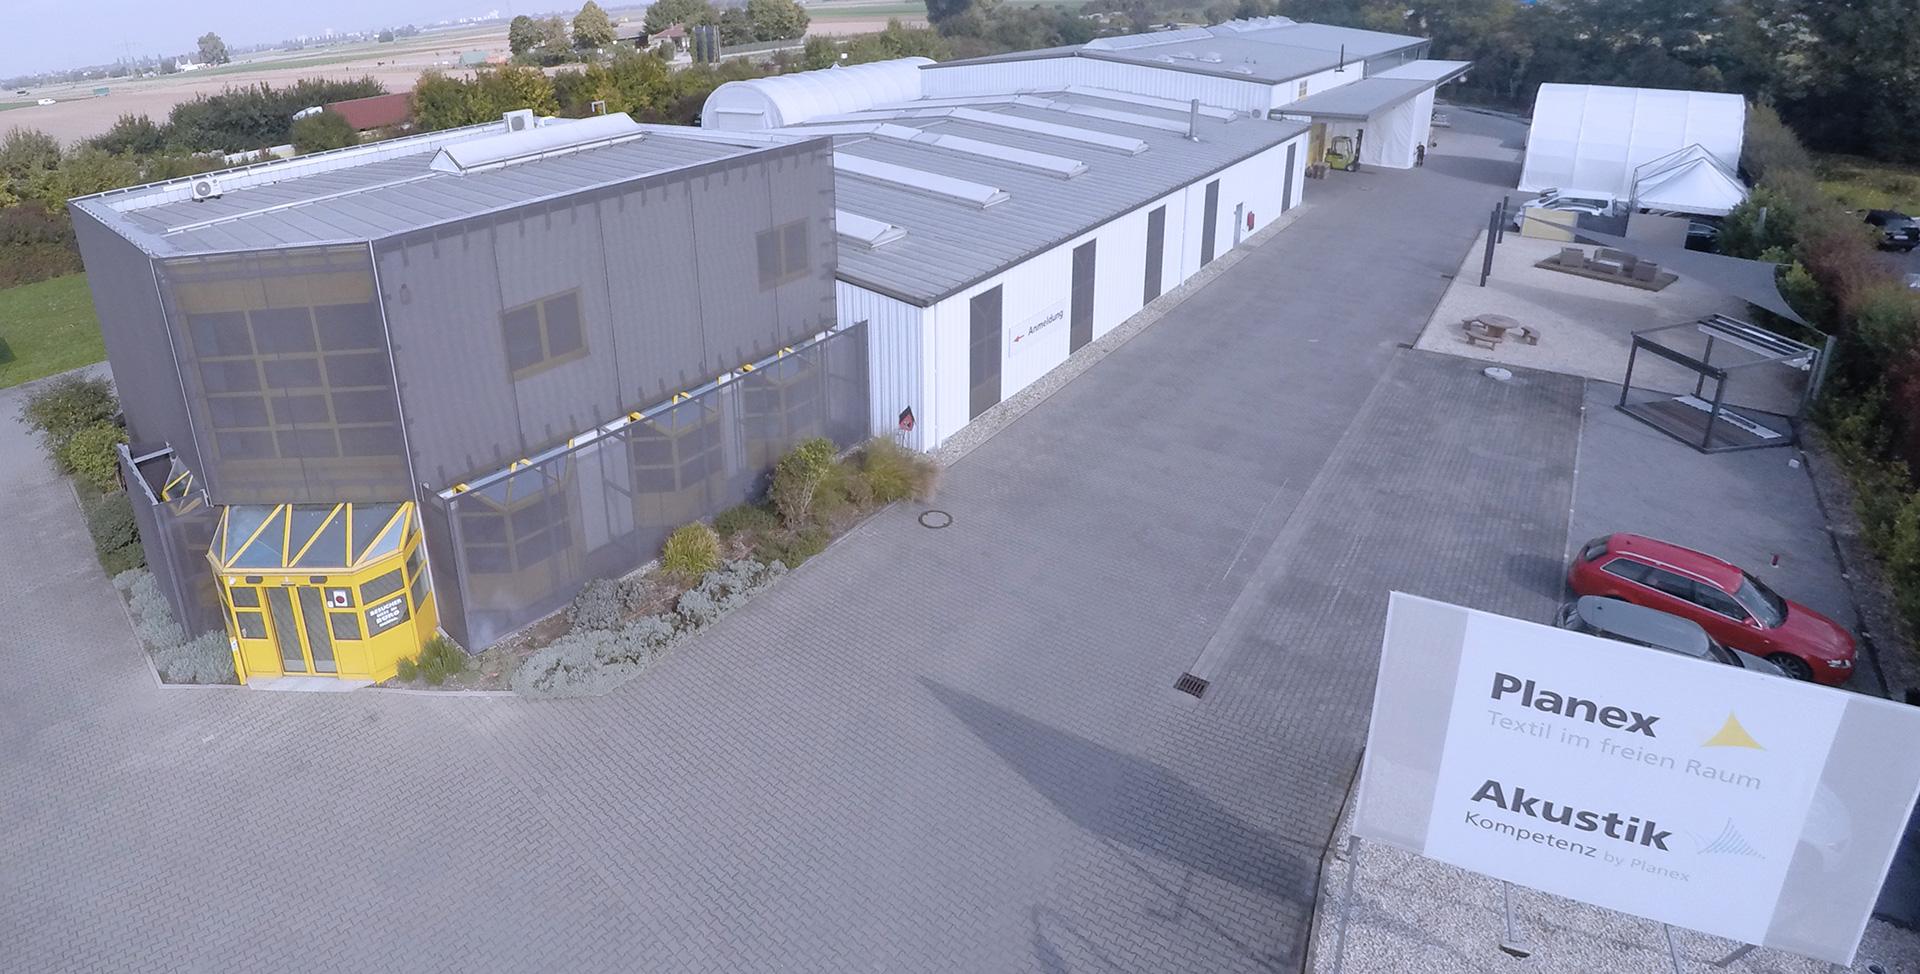 Das Firmengelände der Planex Technik in Textil GmbH in Ludwigshafen